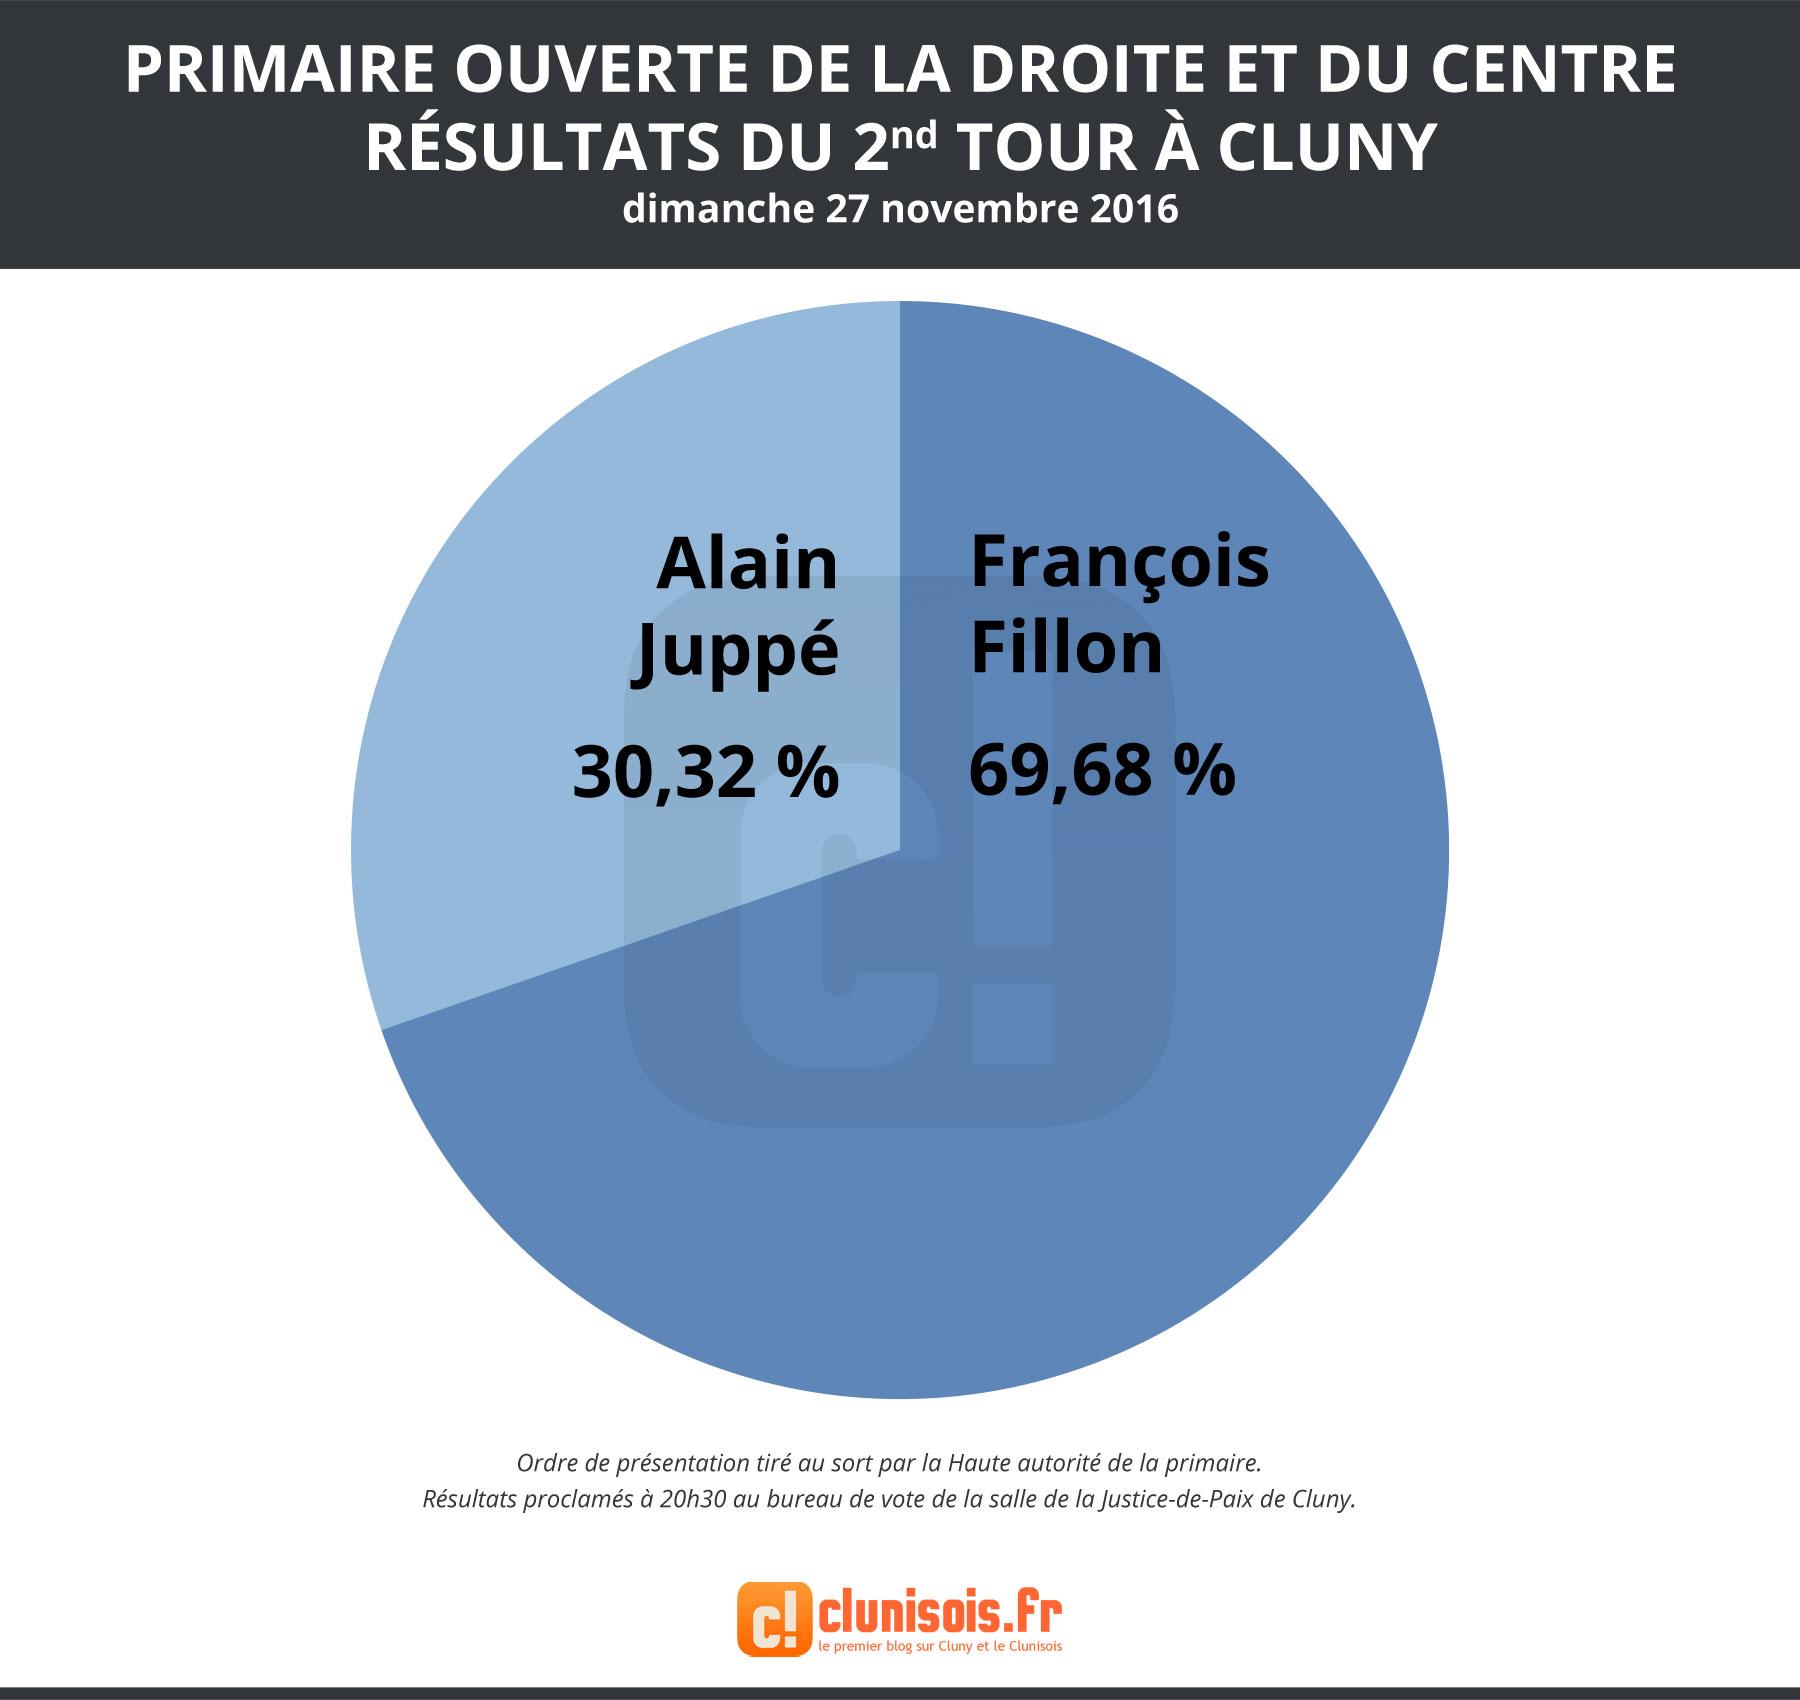 primaires-droite-2016-resultats-2etour-cluny